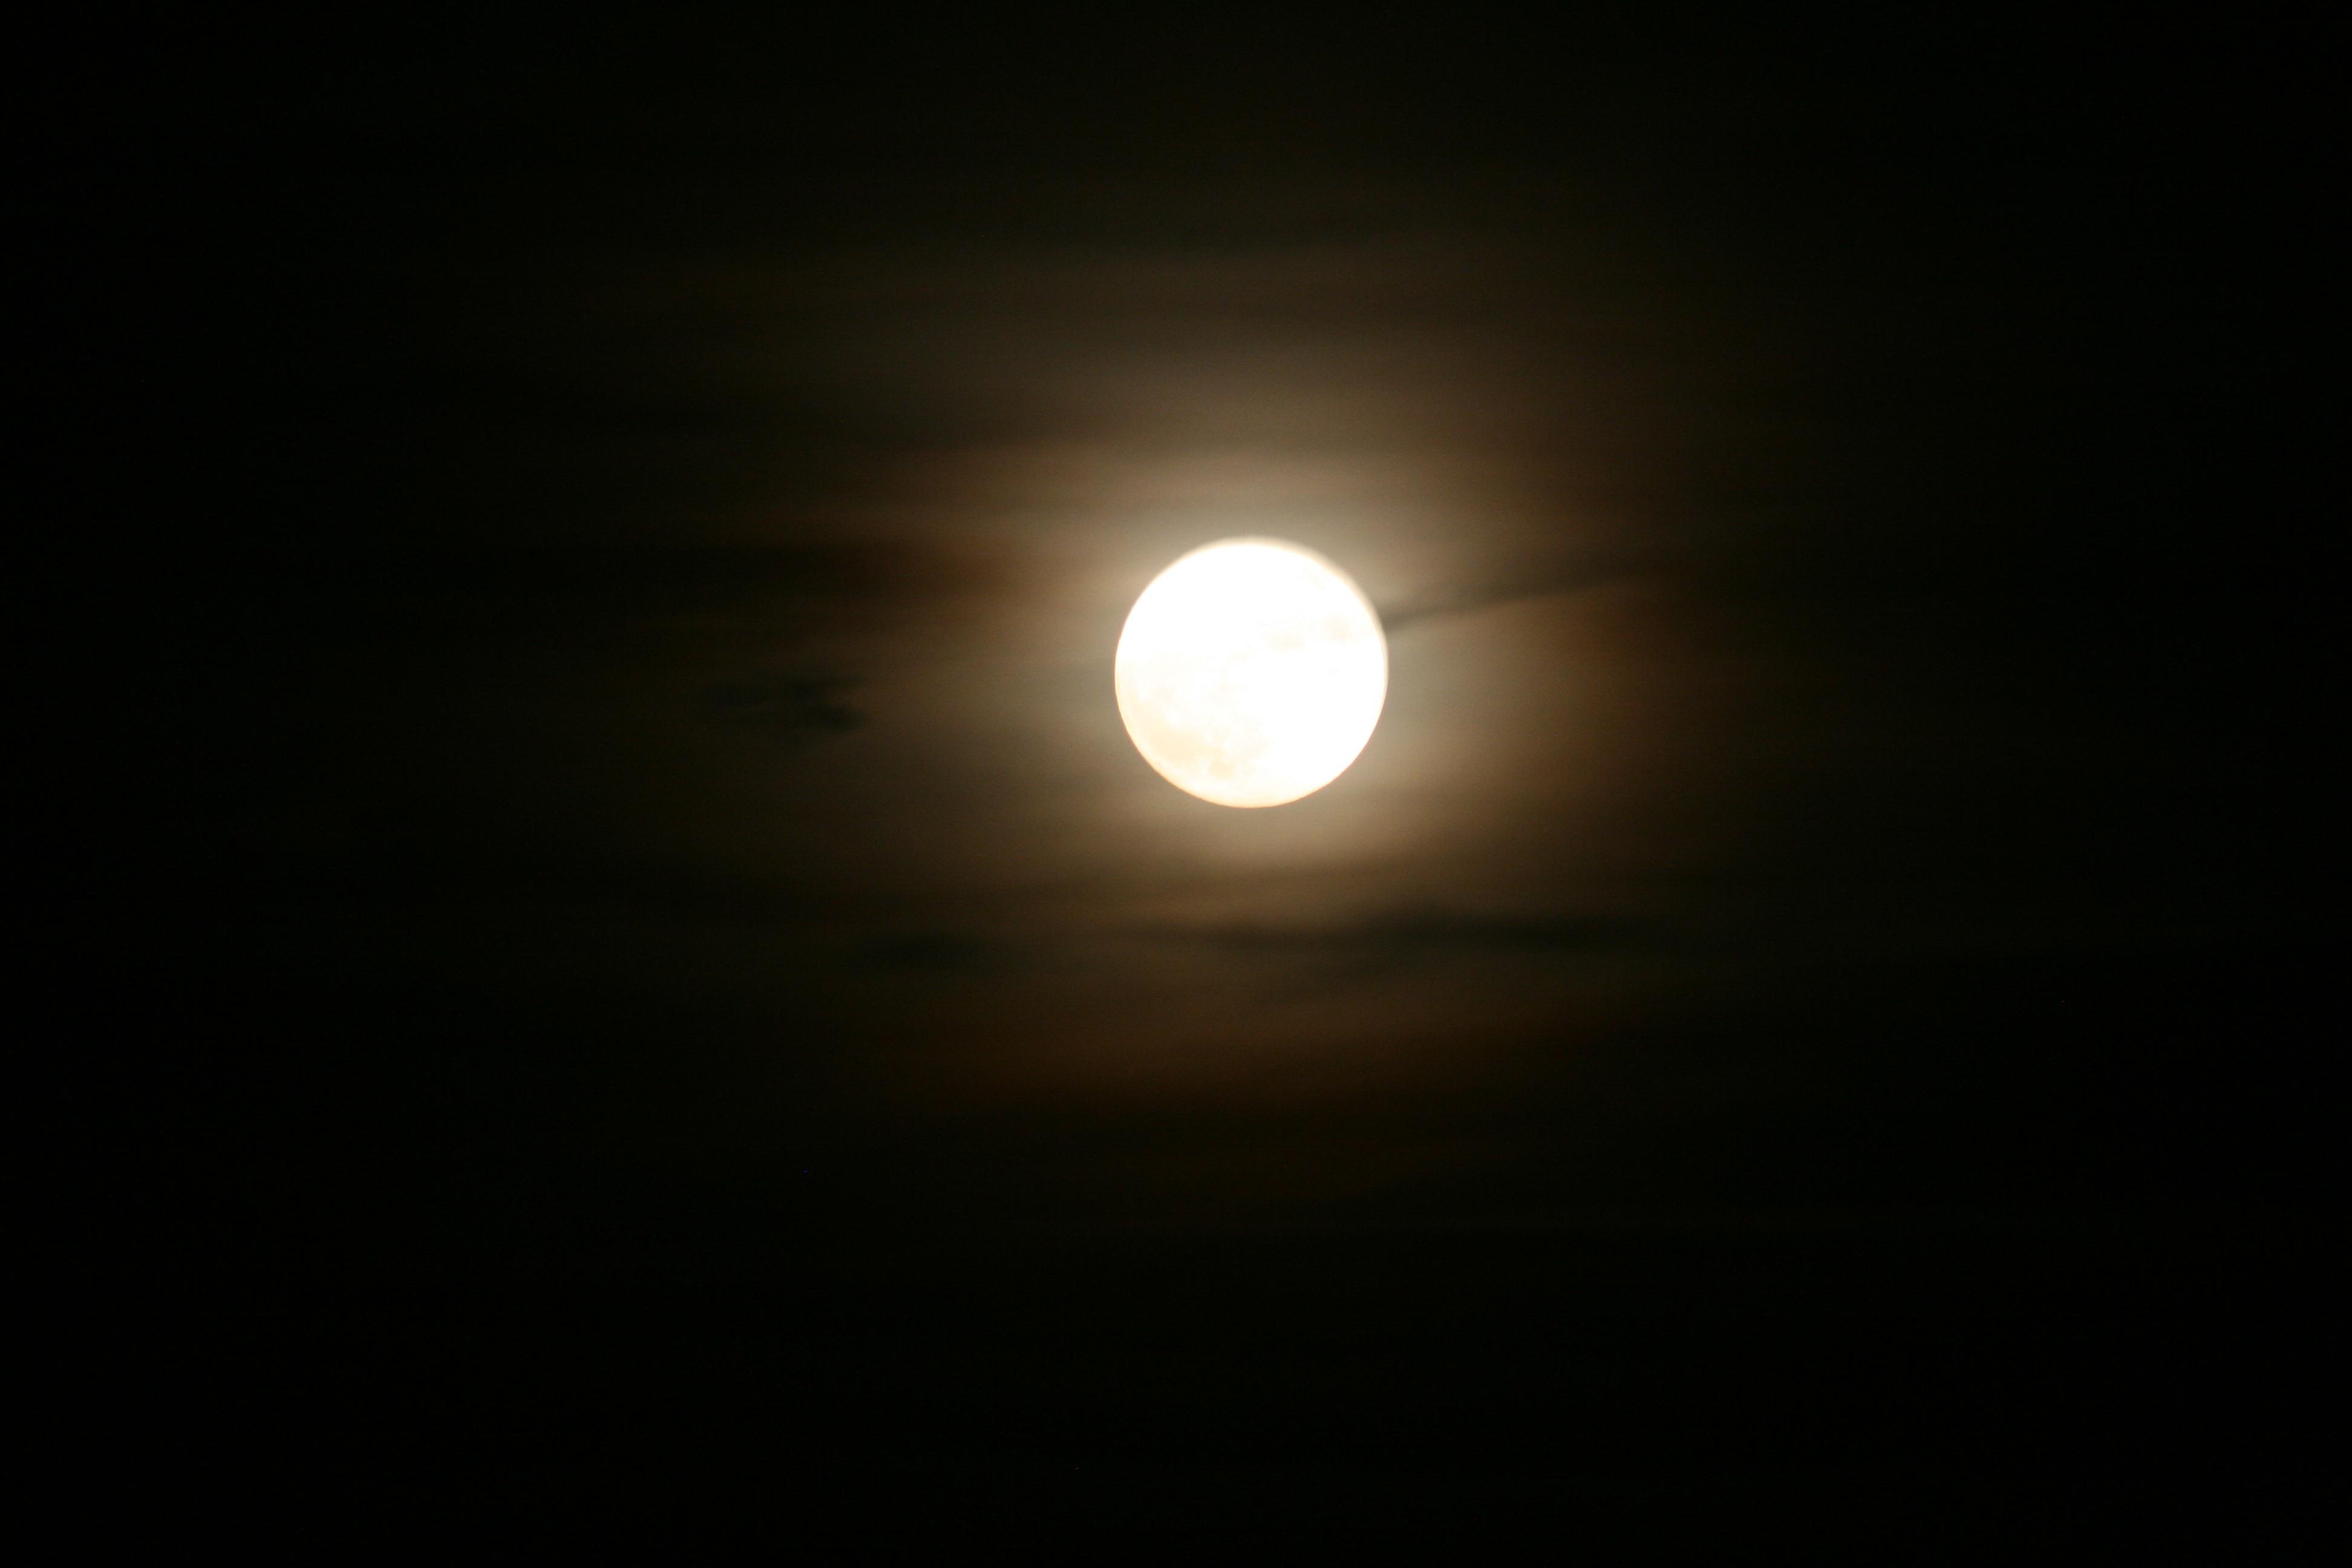 hình ảnh : ánh sáng, không khí, bóng tối, mặt trăng, trăng tròn, Ánh trăng,  vòng tròn, biến cố, Đối tượng thiên văn, Sự kiện thiên thể 3888x2592